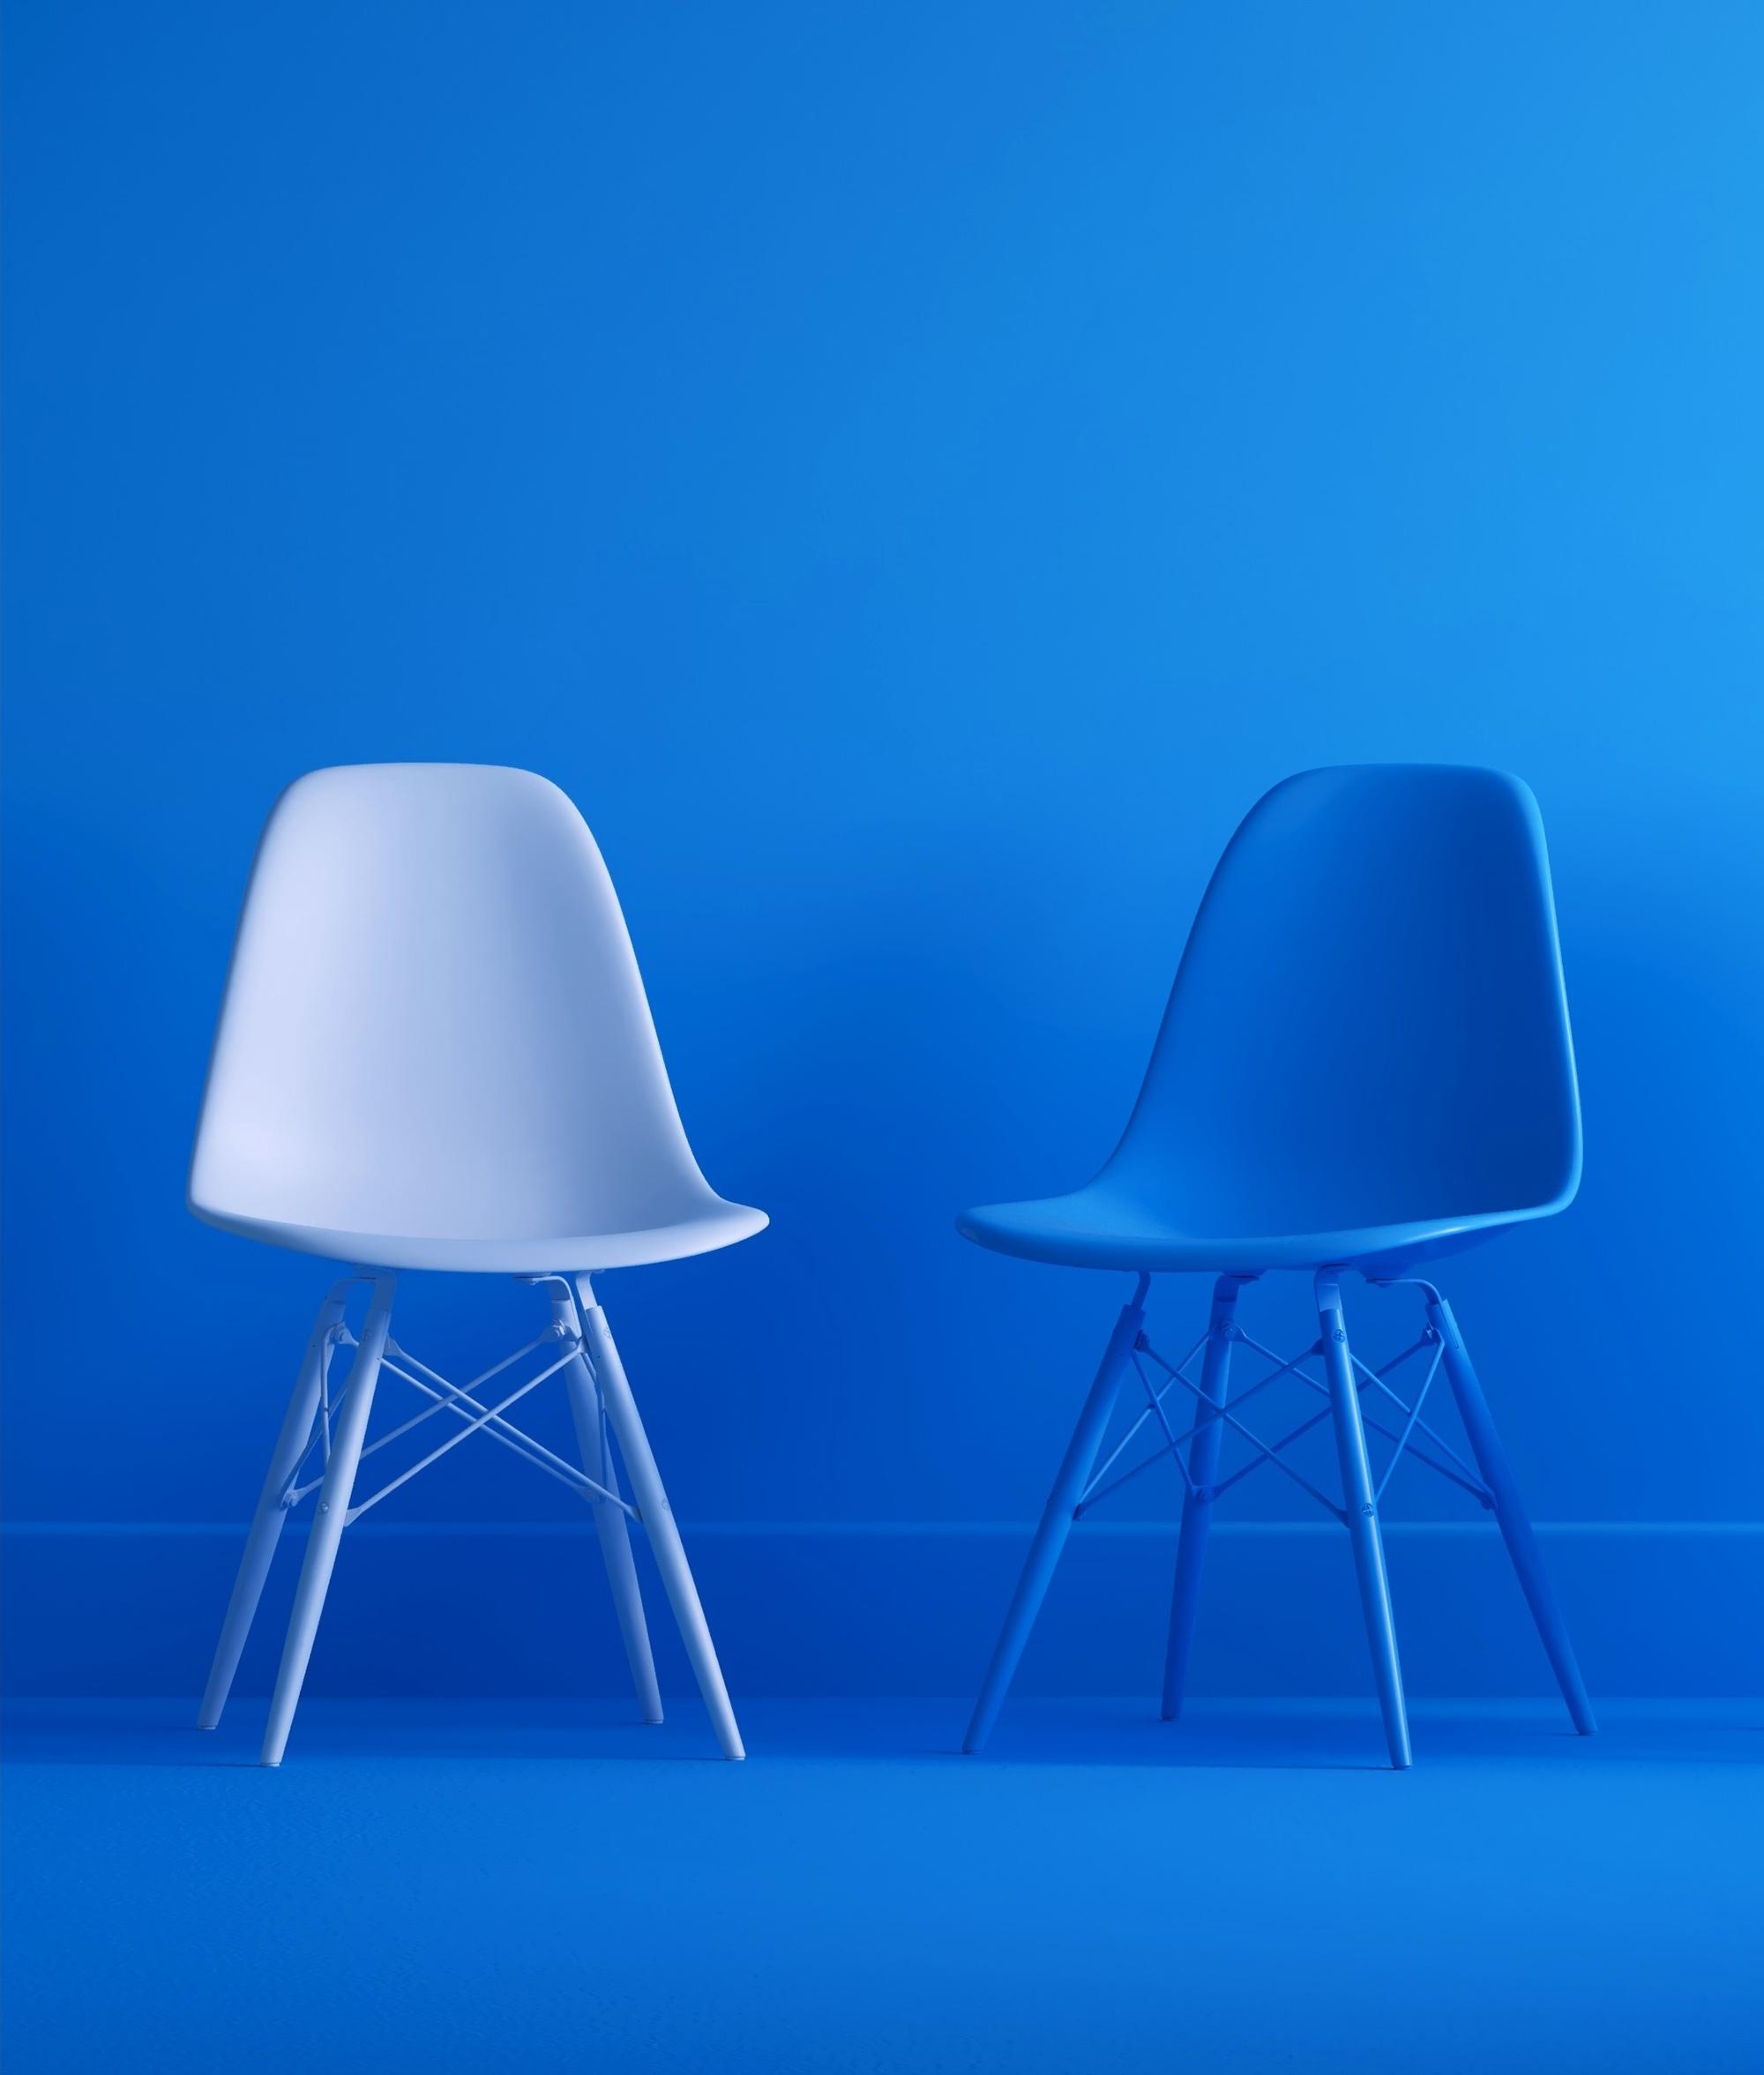 Photo de chaises modernes sur fond bleu.